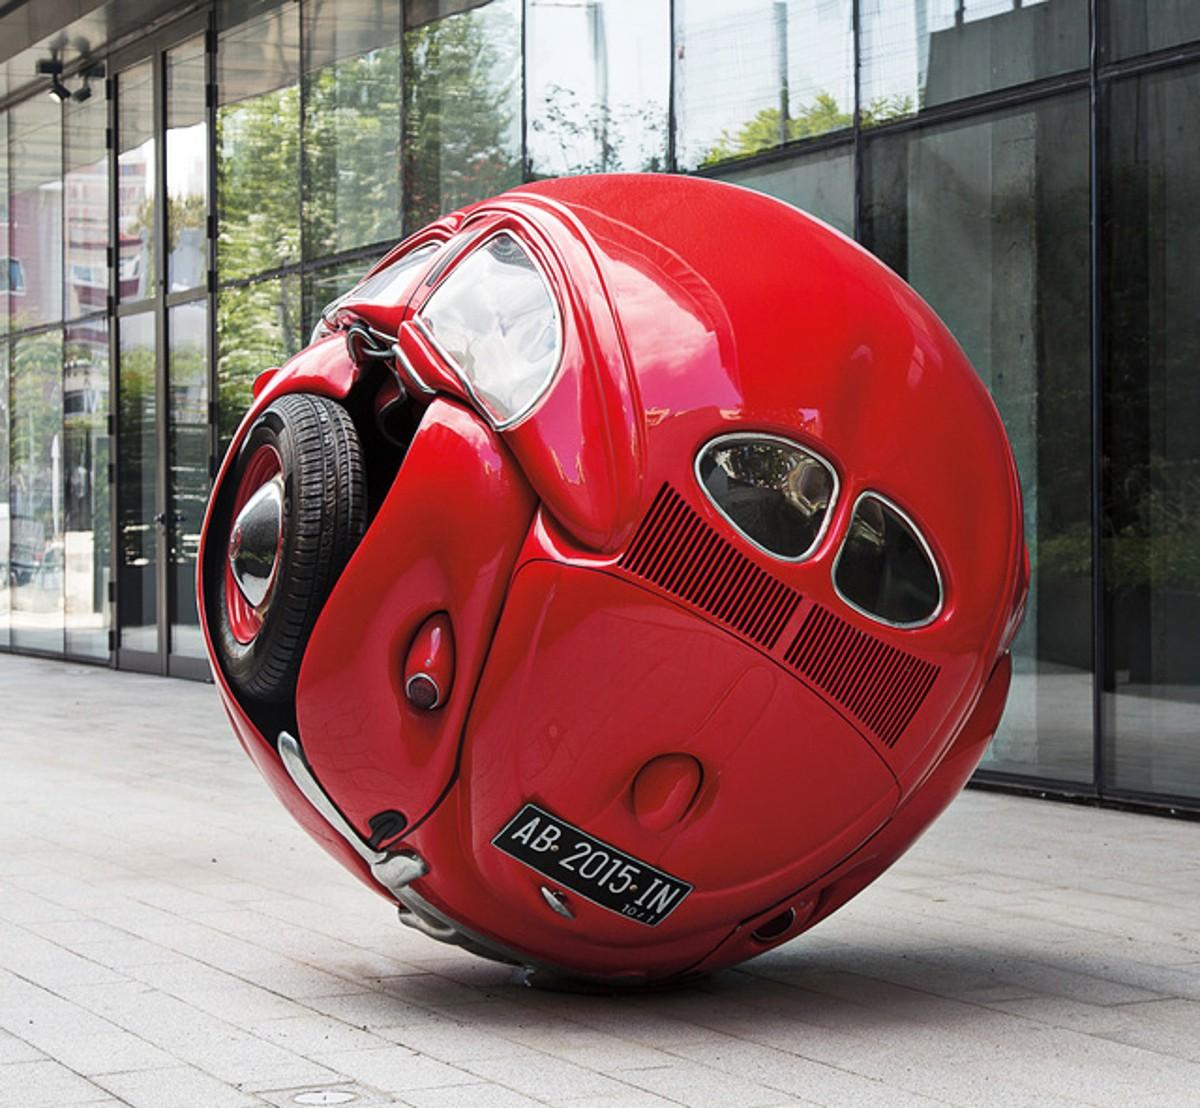 VW Beetle sphere 12